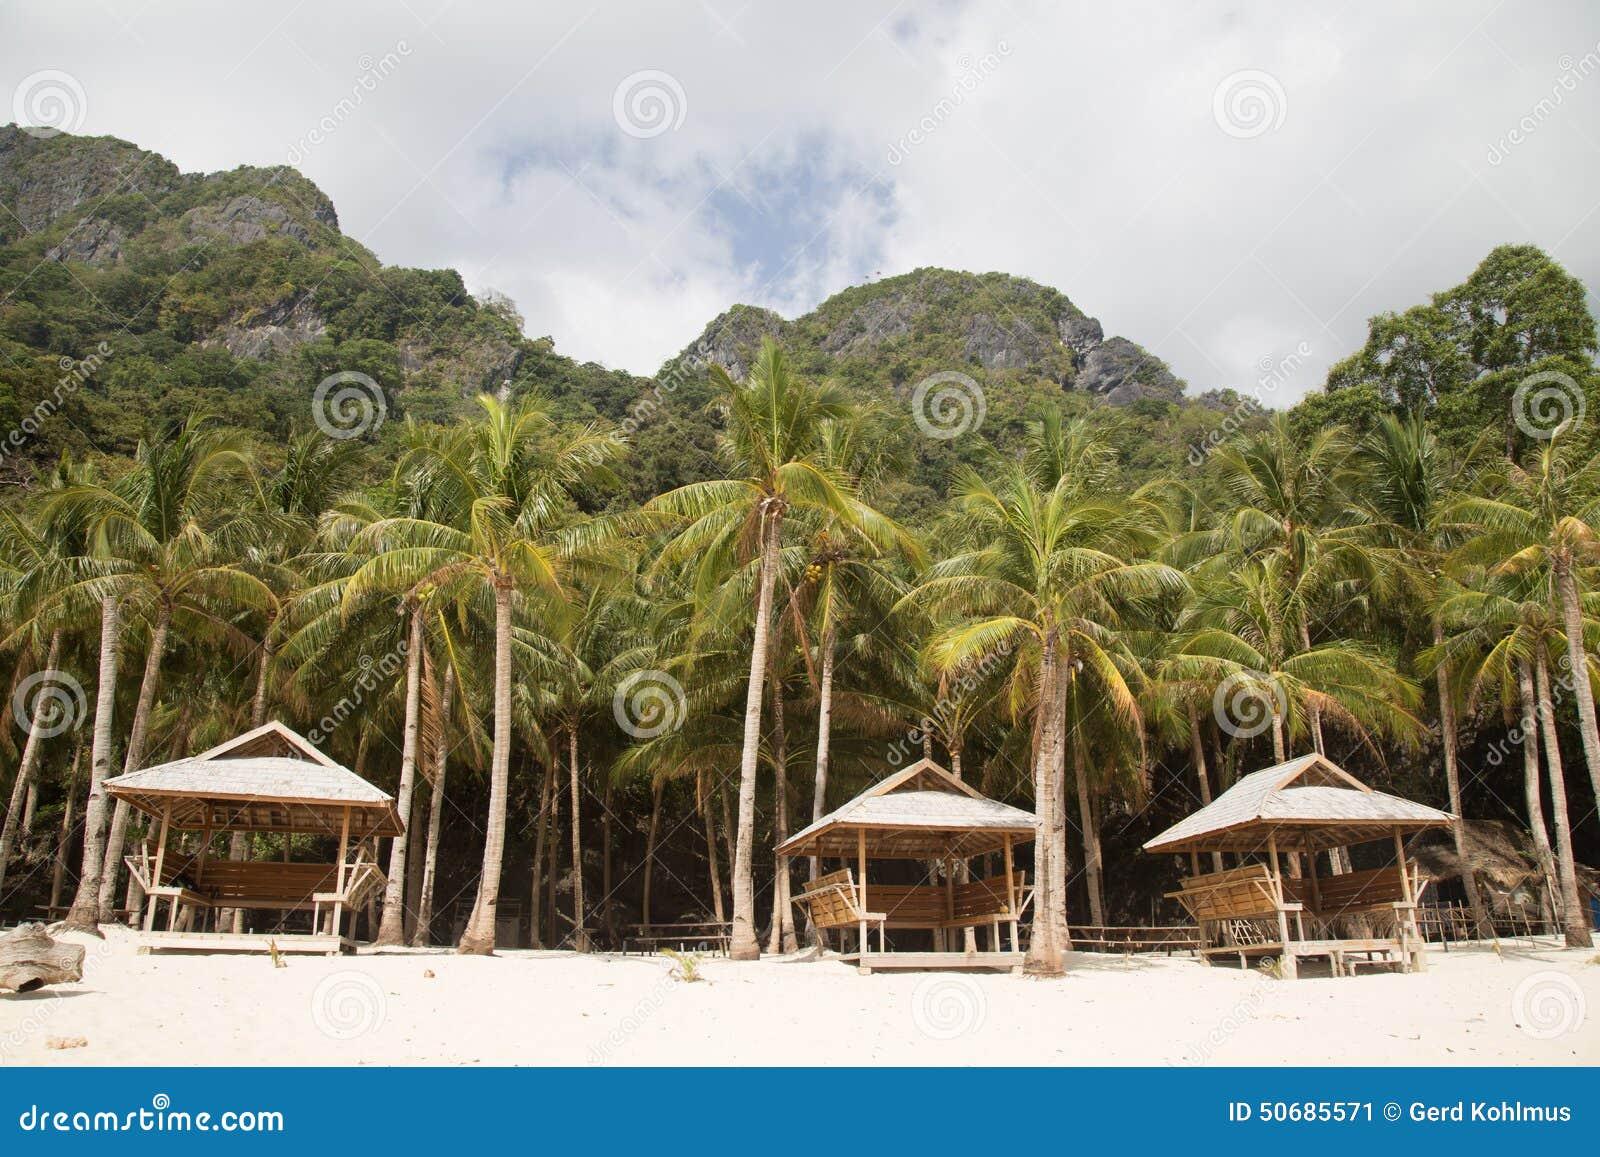 Download 热带的海滩 库存图片. 图片 包括有 菲律宾, 海岛, 热带, 火箭筒, 掌上型计算机, 小屋, 风雨棚 - 50685571